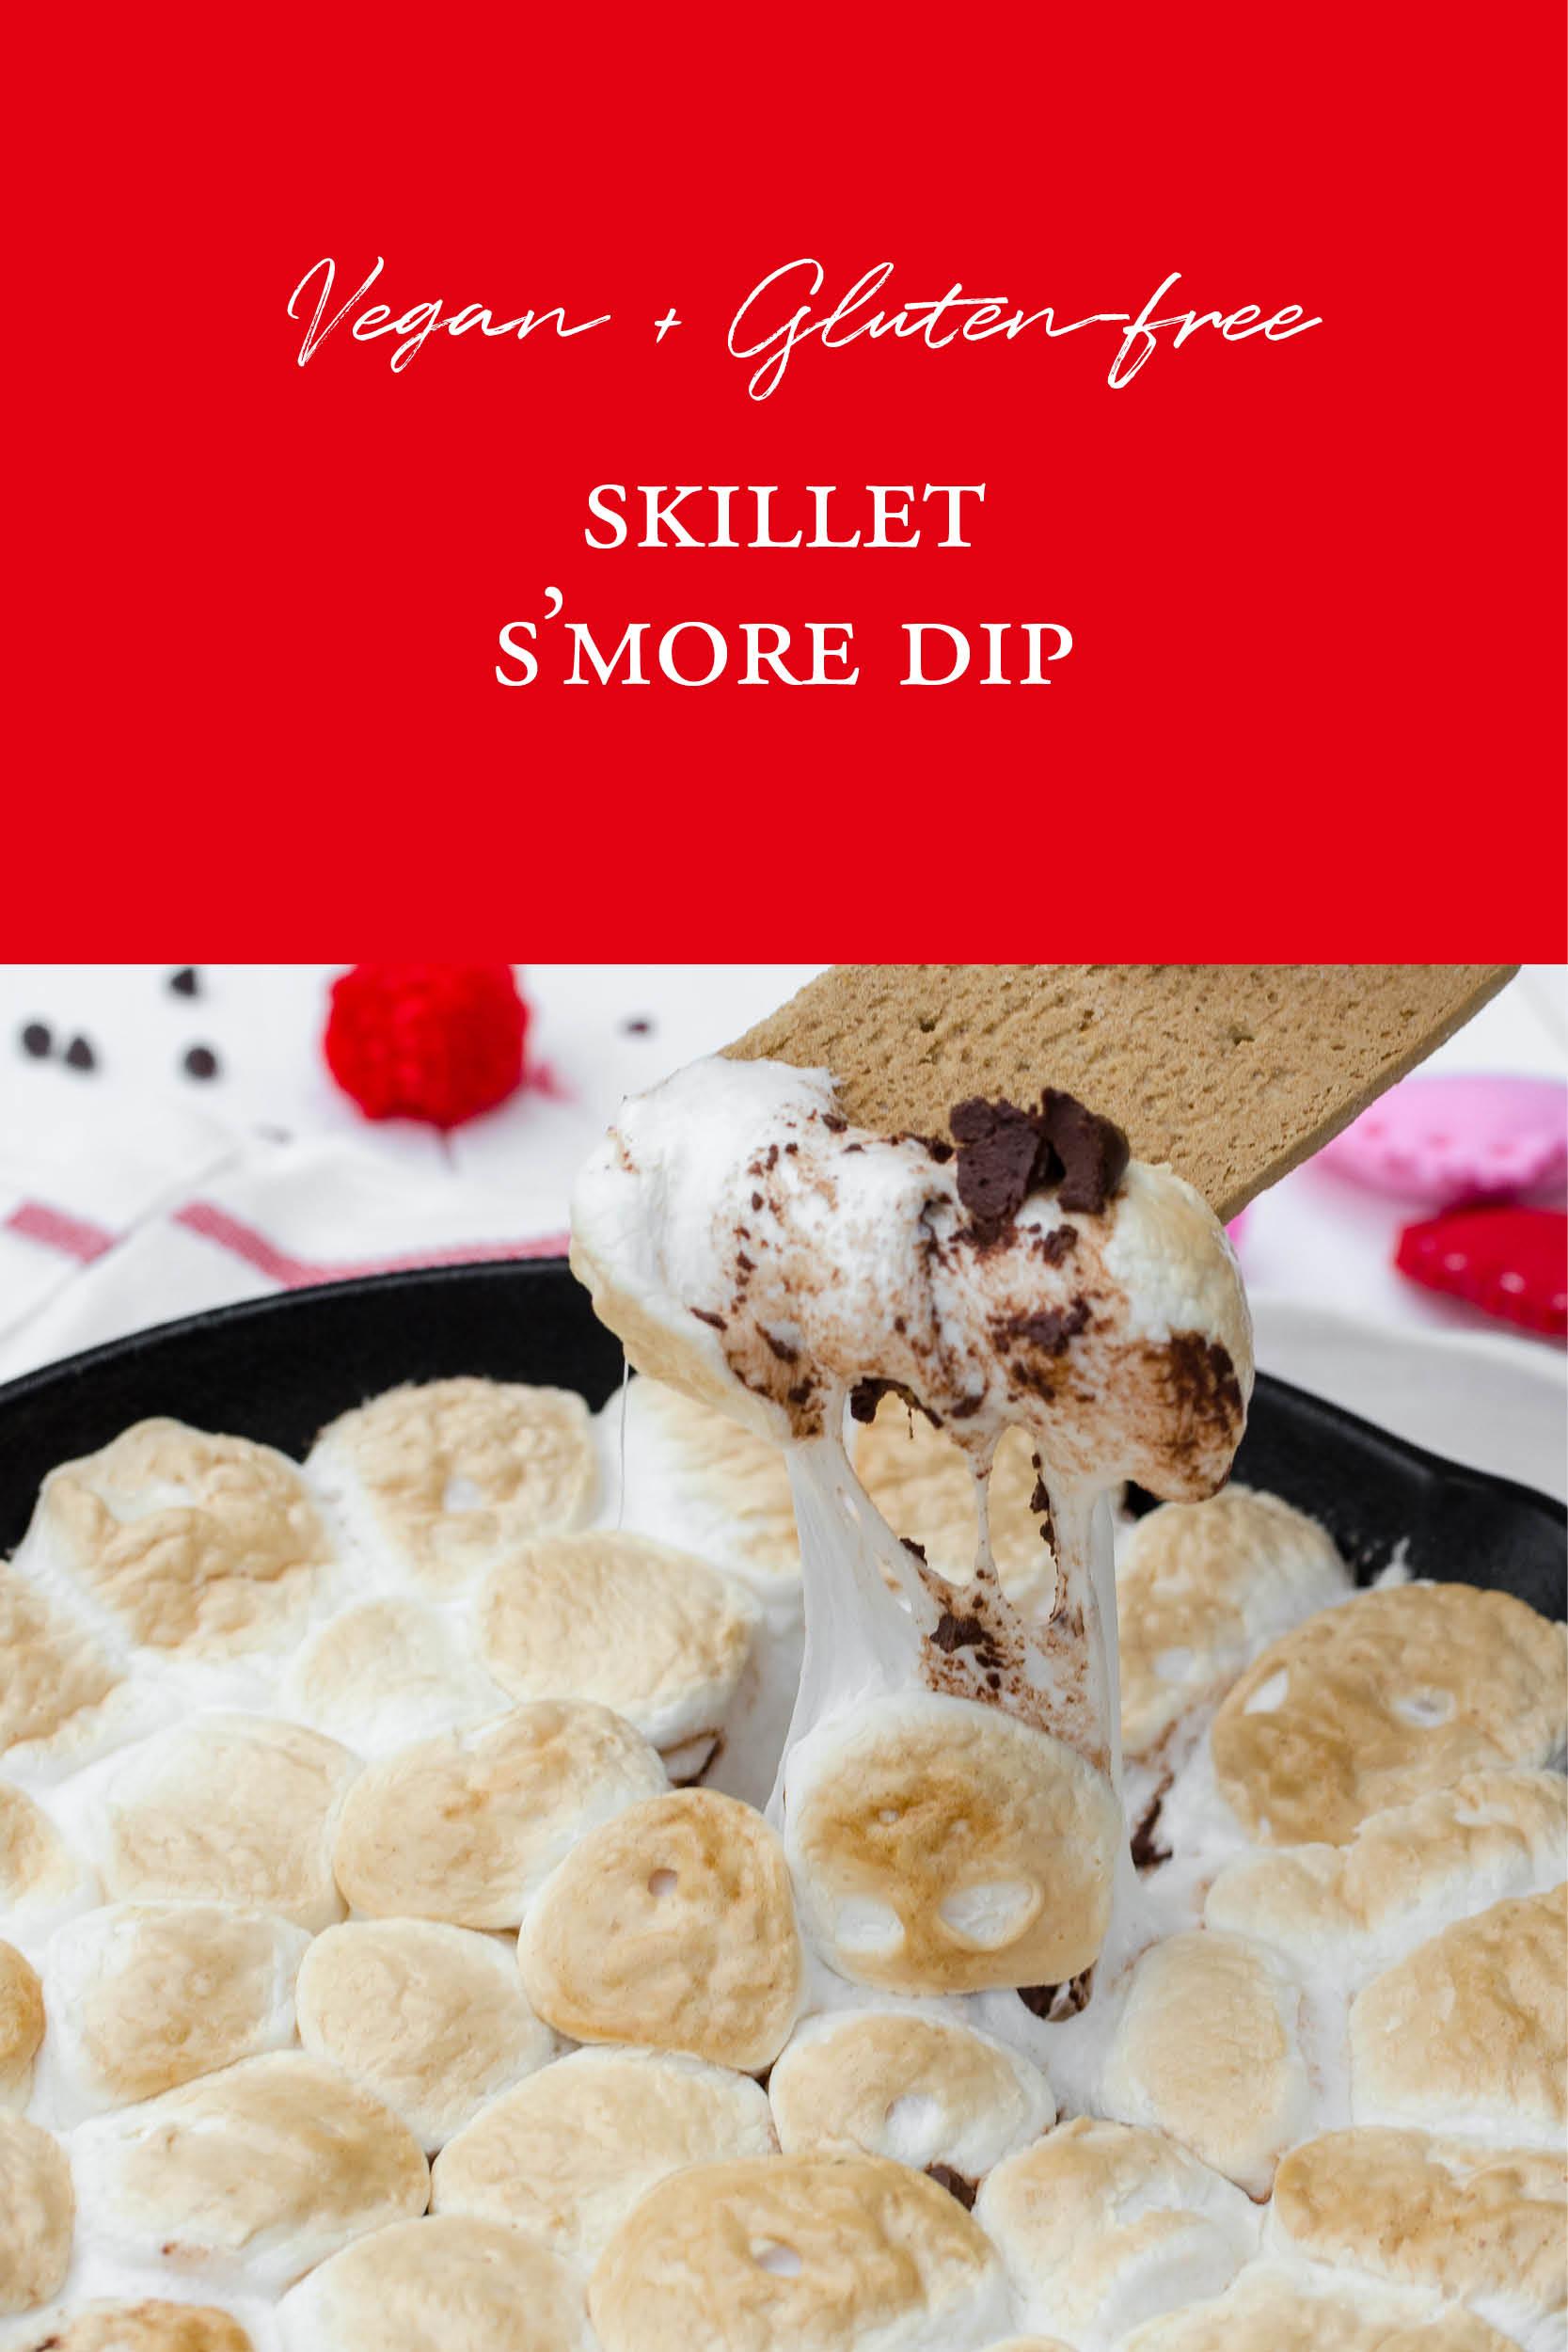 Skillet Smore Dip Vegan Gluten-Free - Dip.jpg